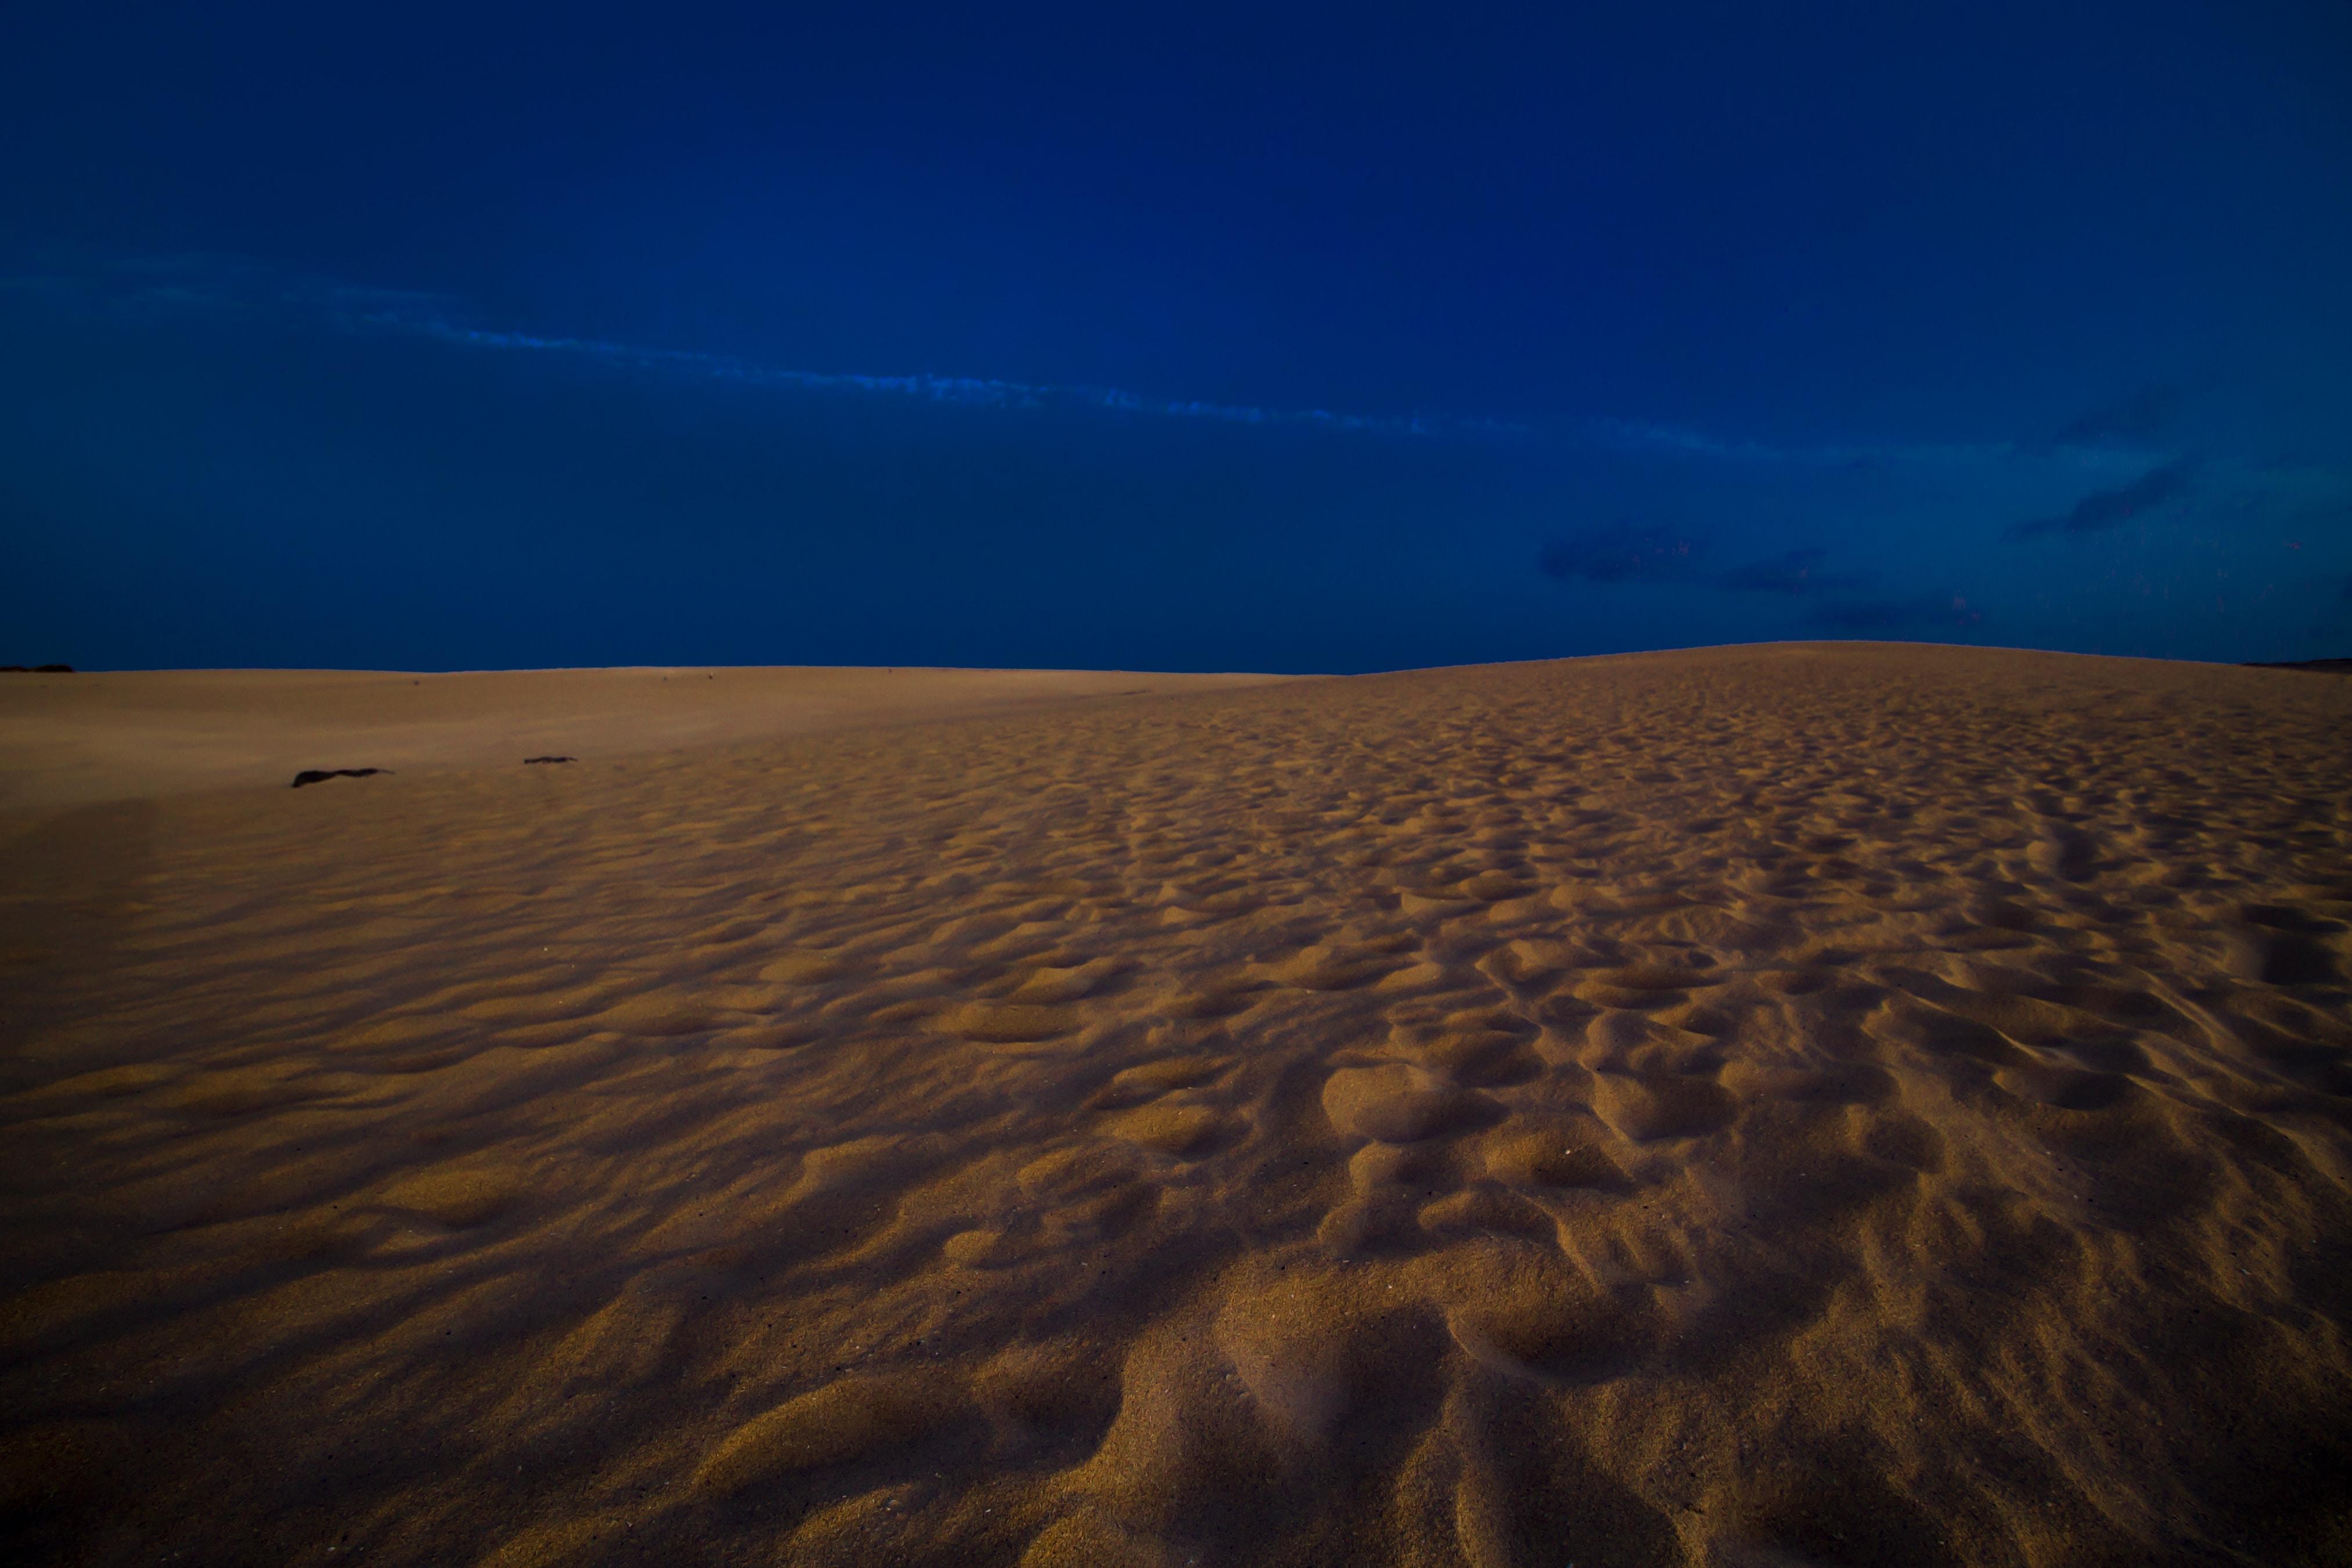 sandy area under blue sky